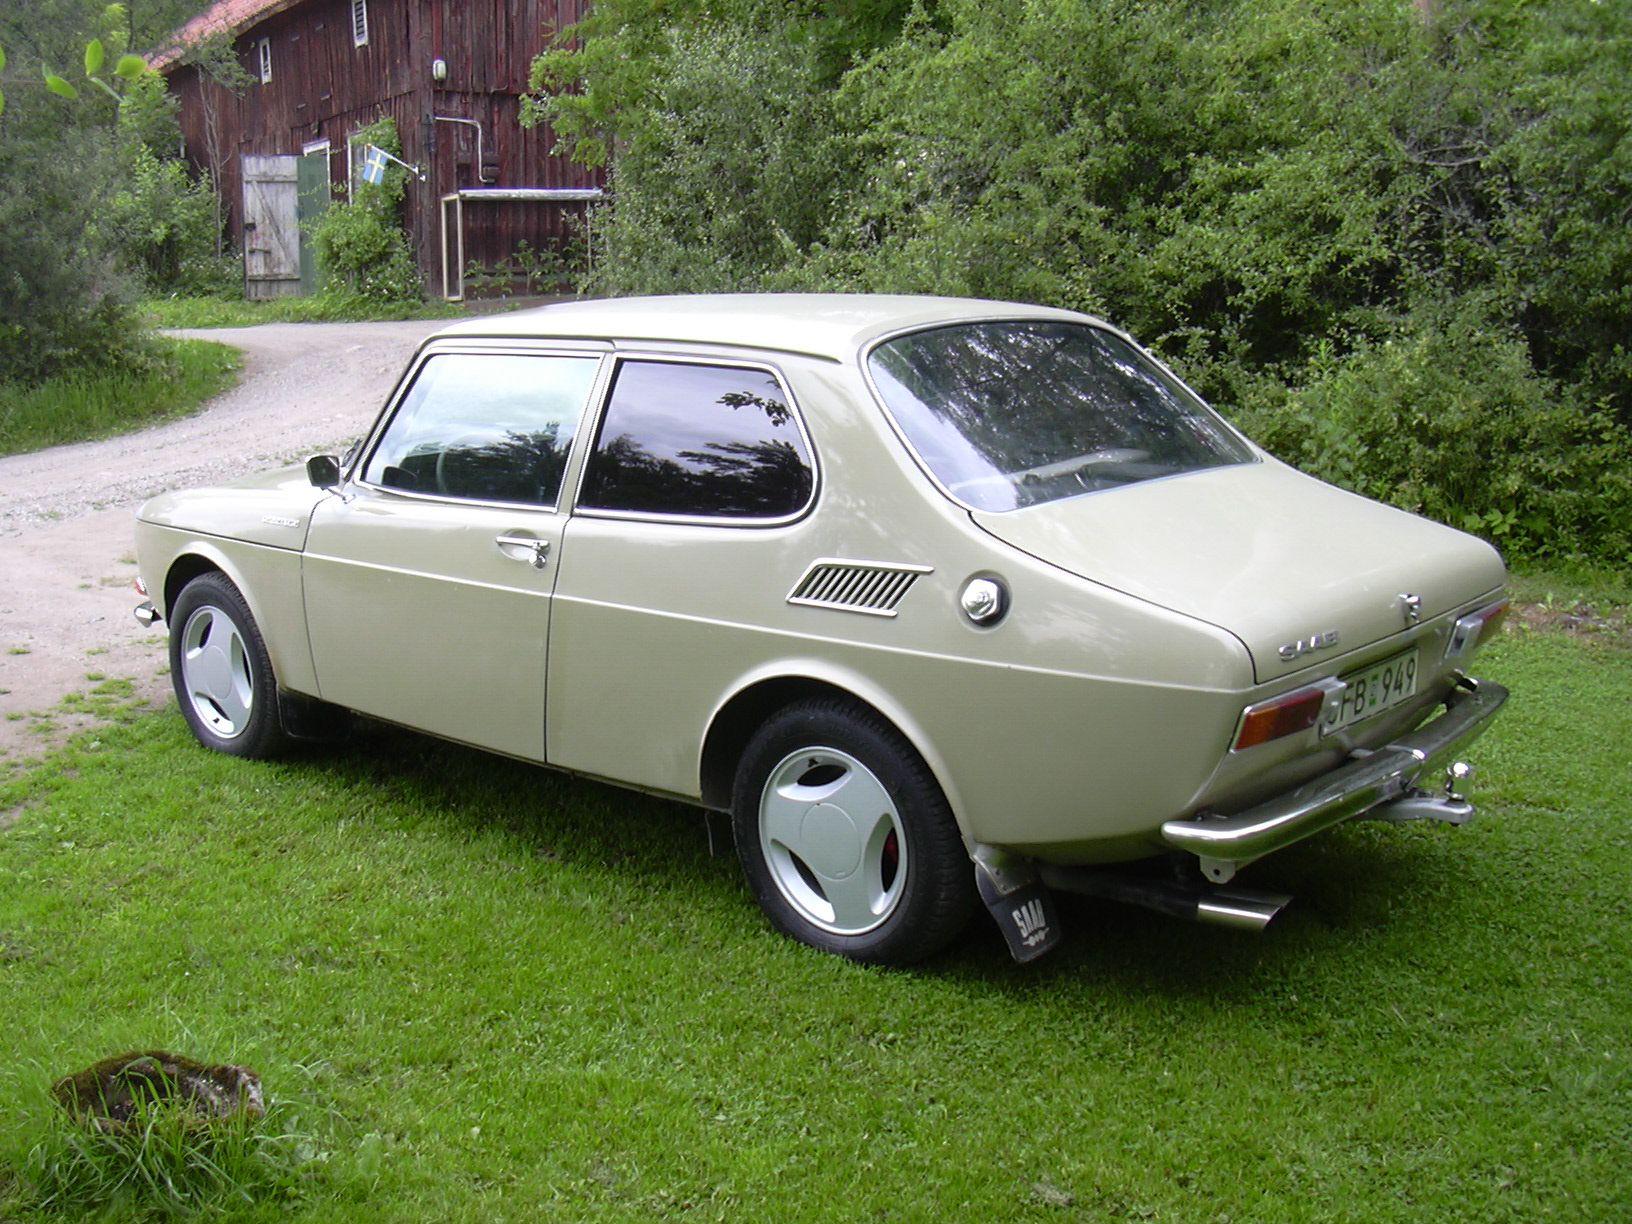 Saab 99 1971 vi kpte den 1973 och krde den till sommaren 1975 saab 99 1971 vi kpte den 1973 och krde den till sommaren 1975 publicscrutiny Choice Image